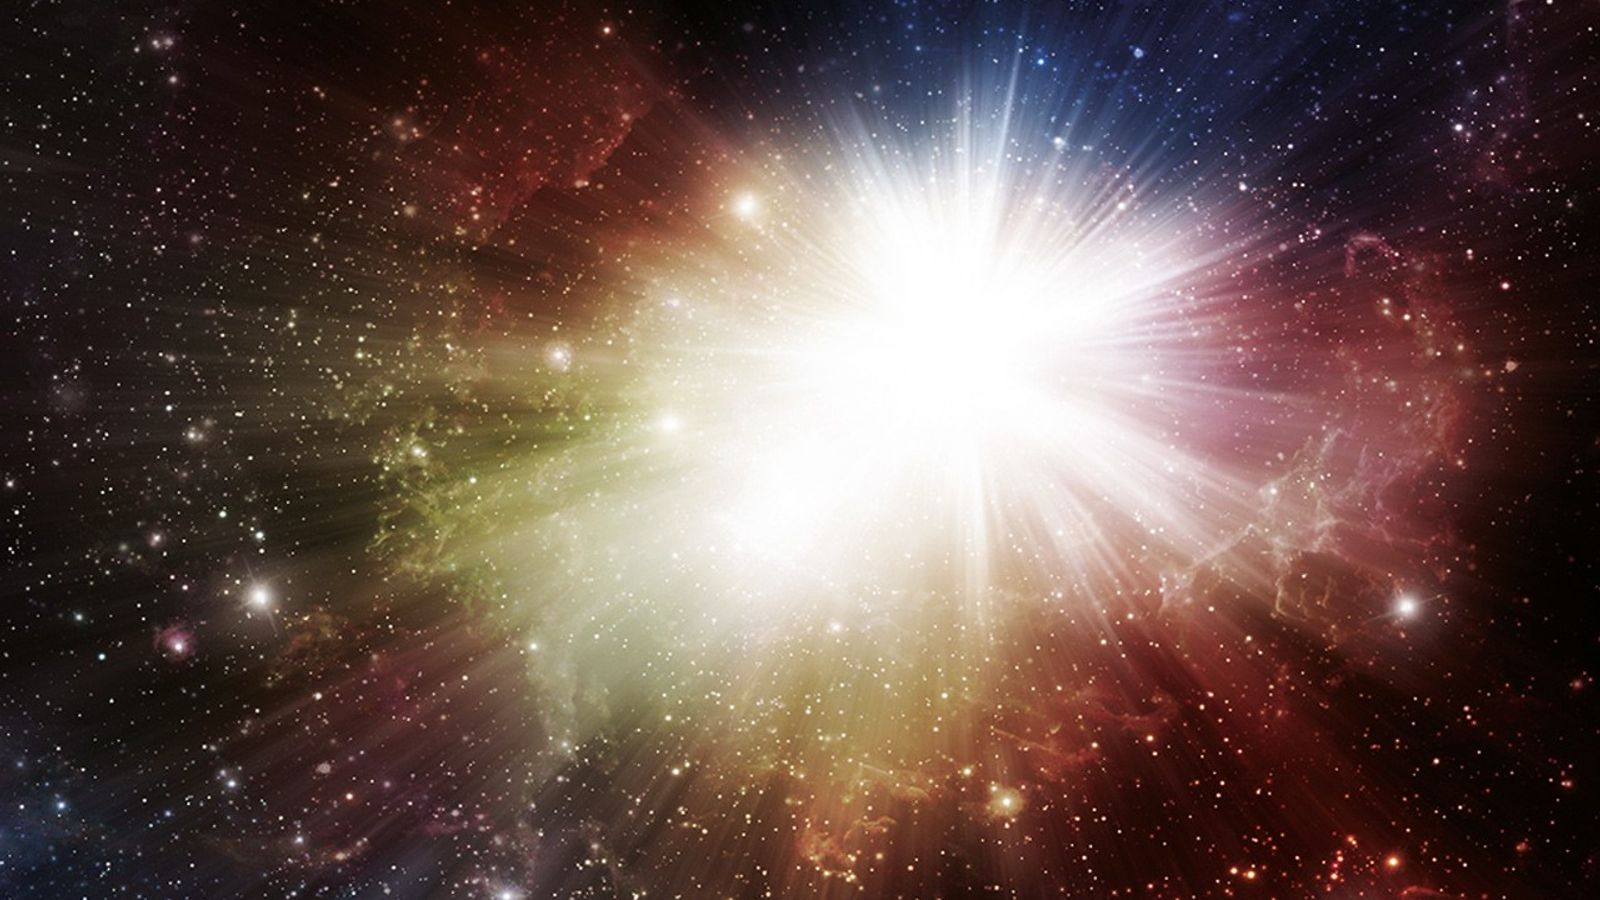 Comment l'univers a-t-il commencé ?